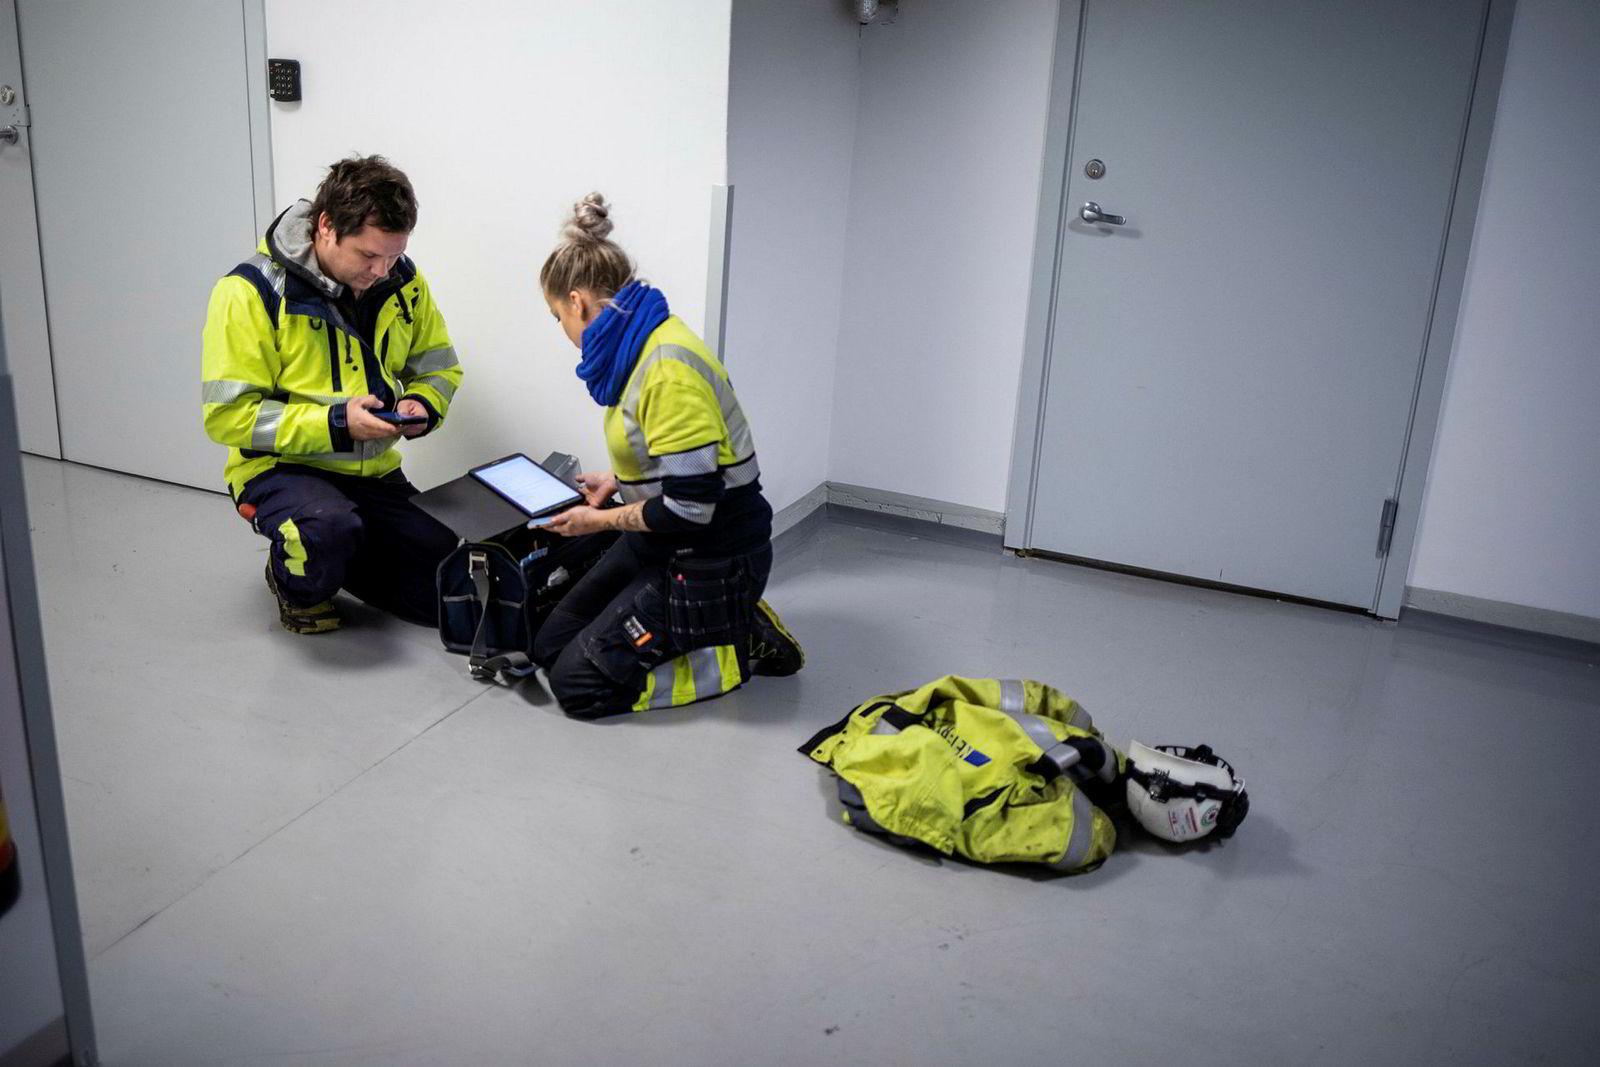 Robin Gustavsen fra smartservice og Camilla Winger Jacobsen fra Nettservice sammarbeider om å bytte målere i Høyres hus. Tegninger og faktiske dører var ikke helt i samsvar. Det ble litt detektivarbeid for å komme til strømmåleren som skal byttes.